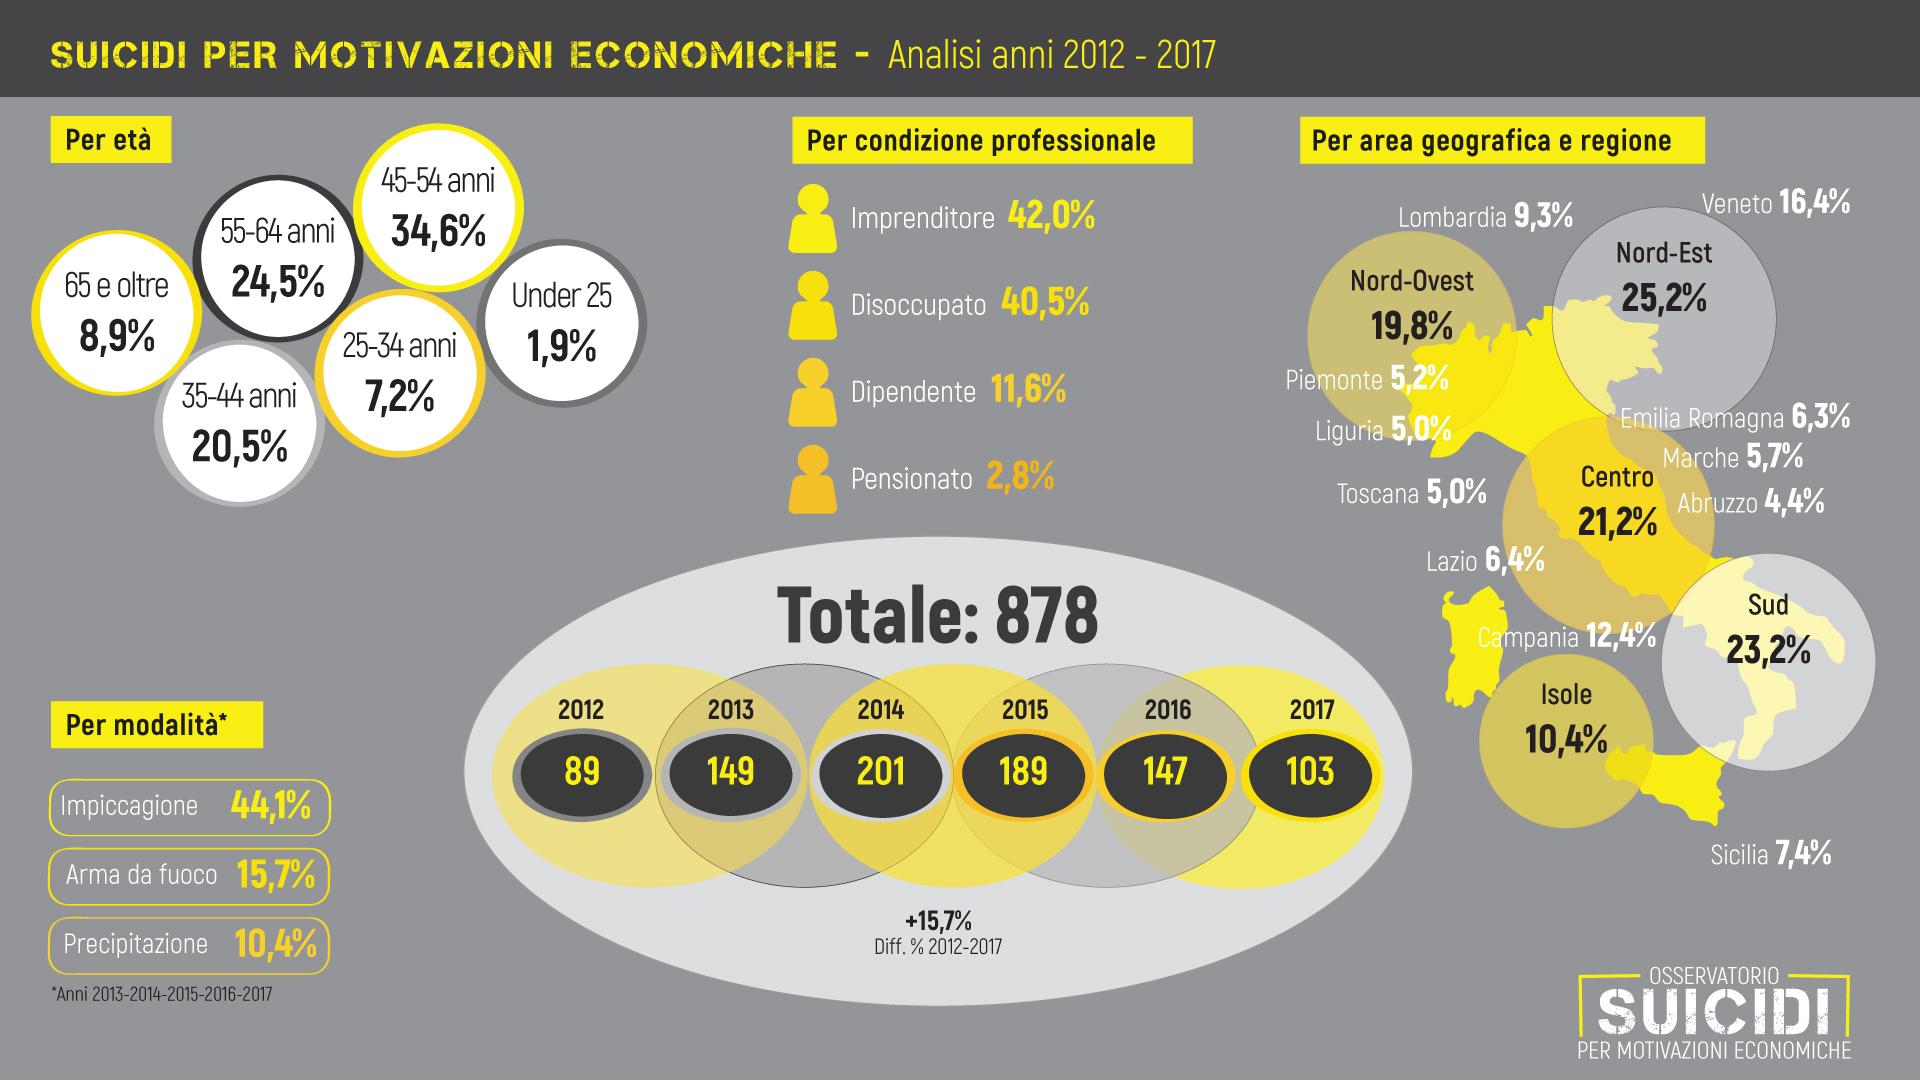 Suicidi-2012-2017